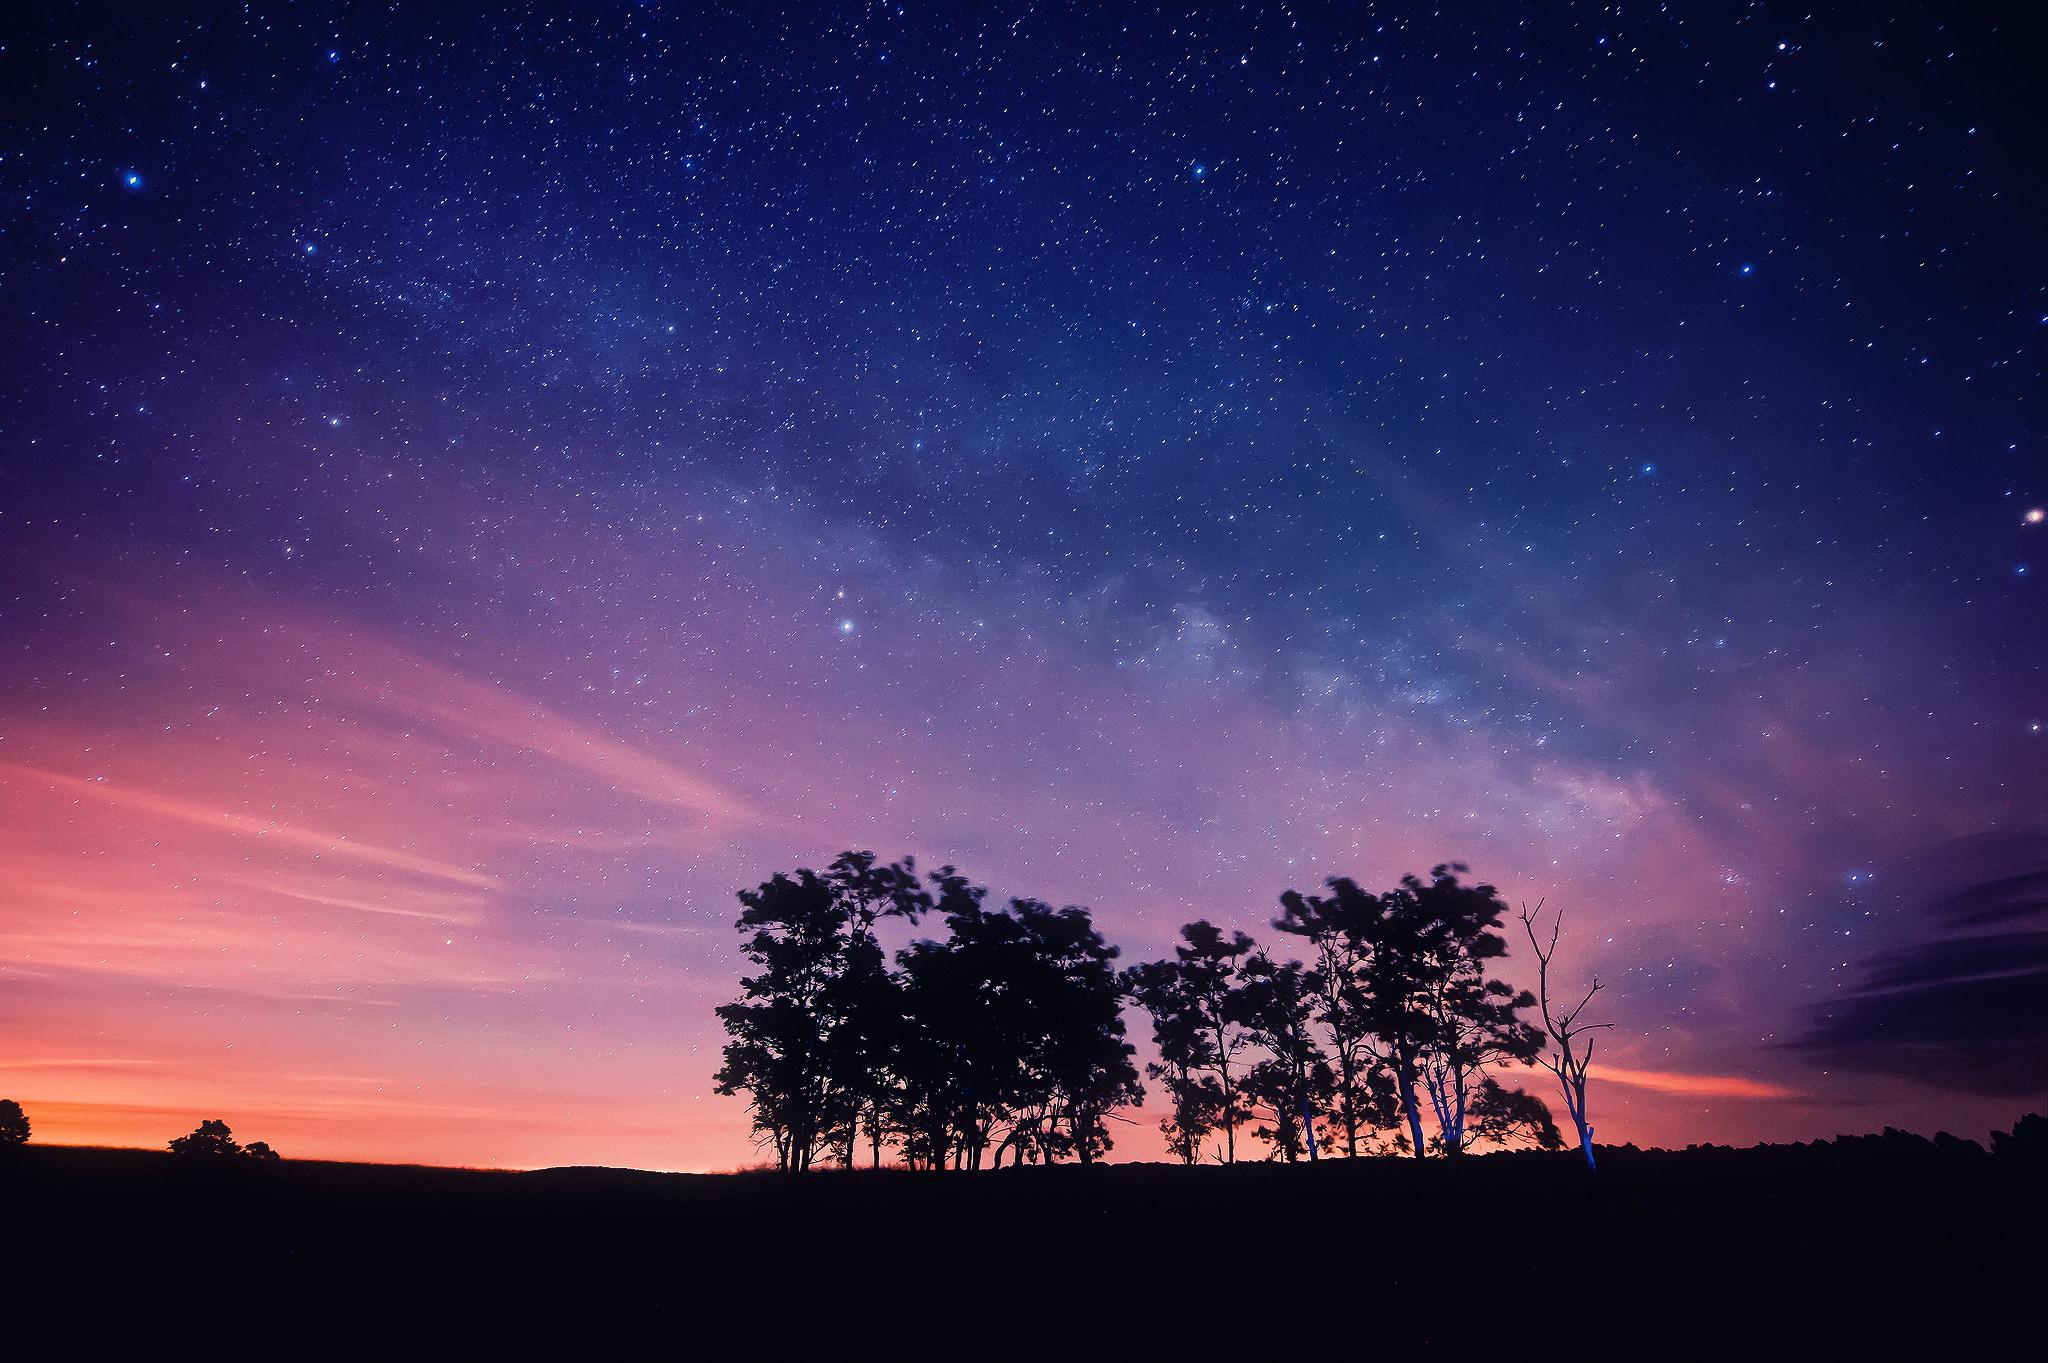 вишневая bmw под звездным небом  № 2384124 загрузить